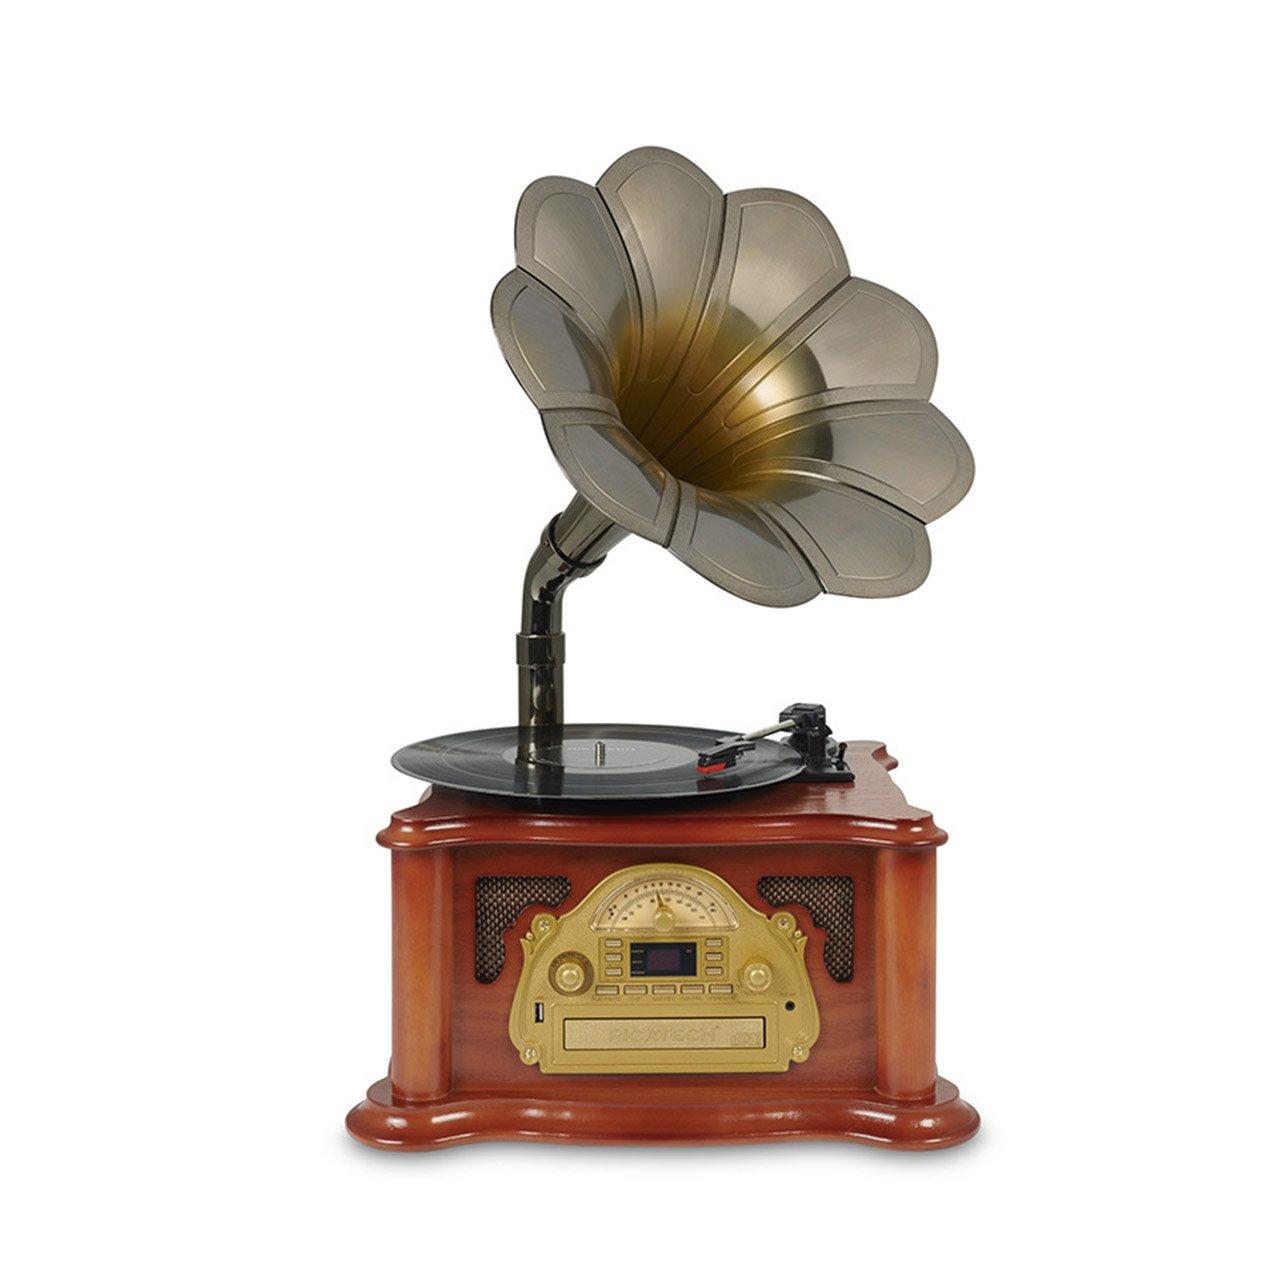 Gramofon RMC360 Music Center BT with Horn